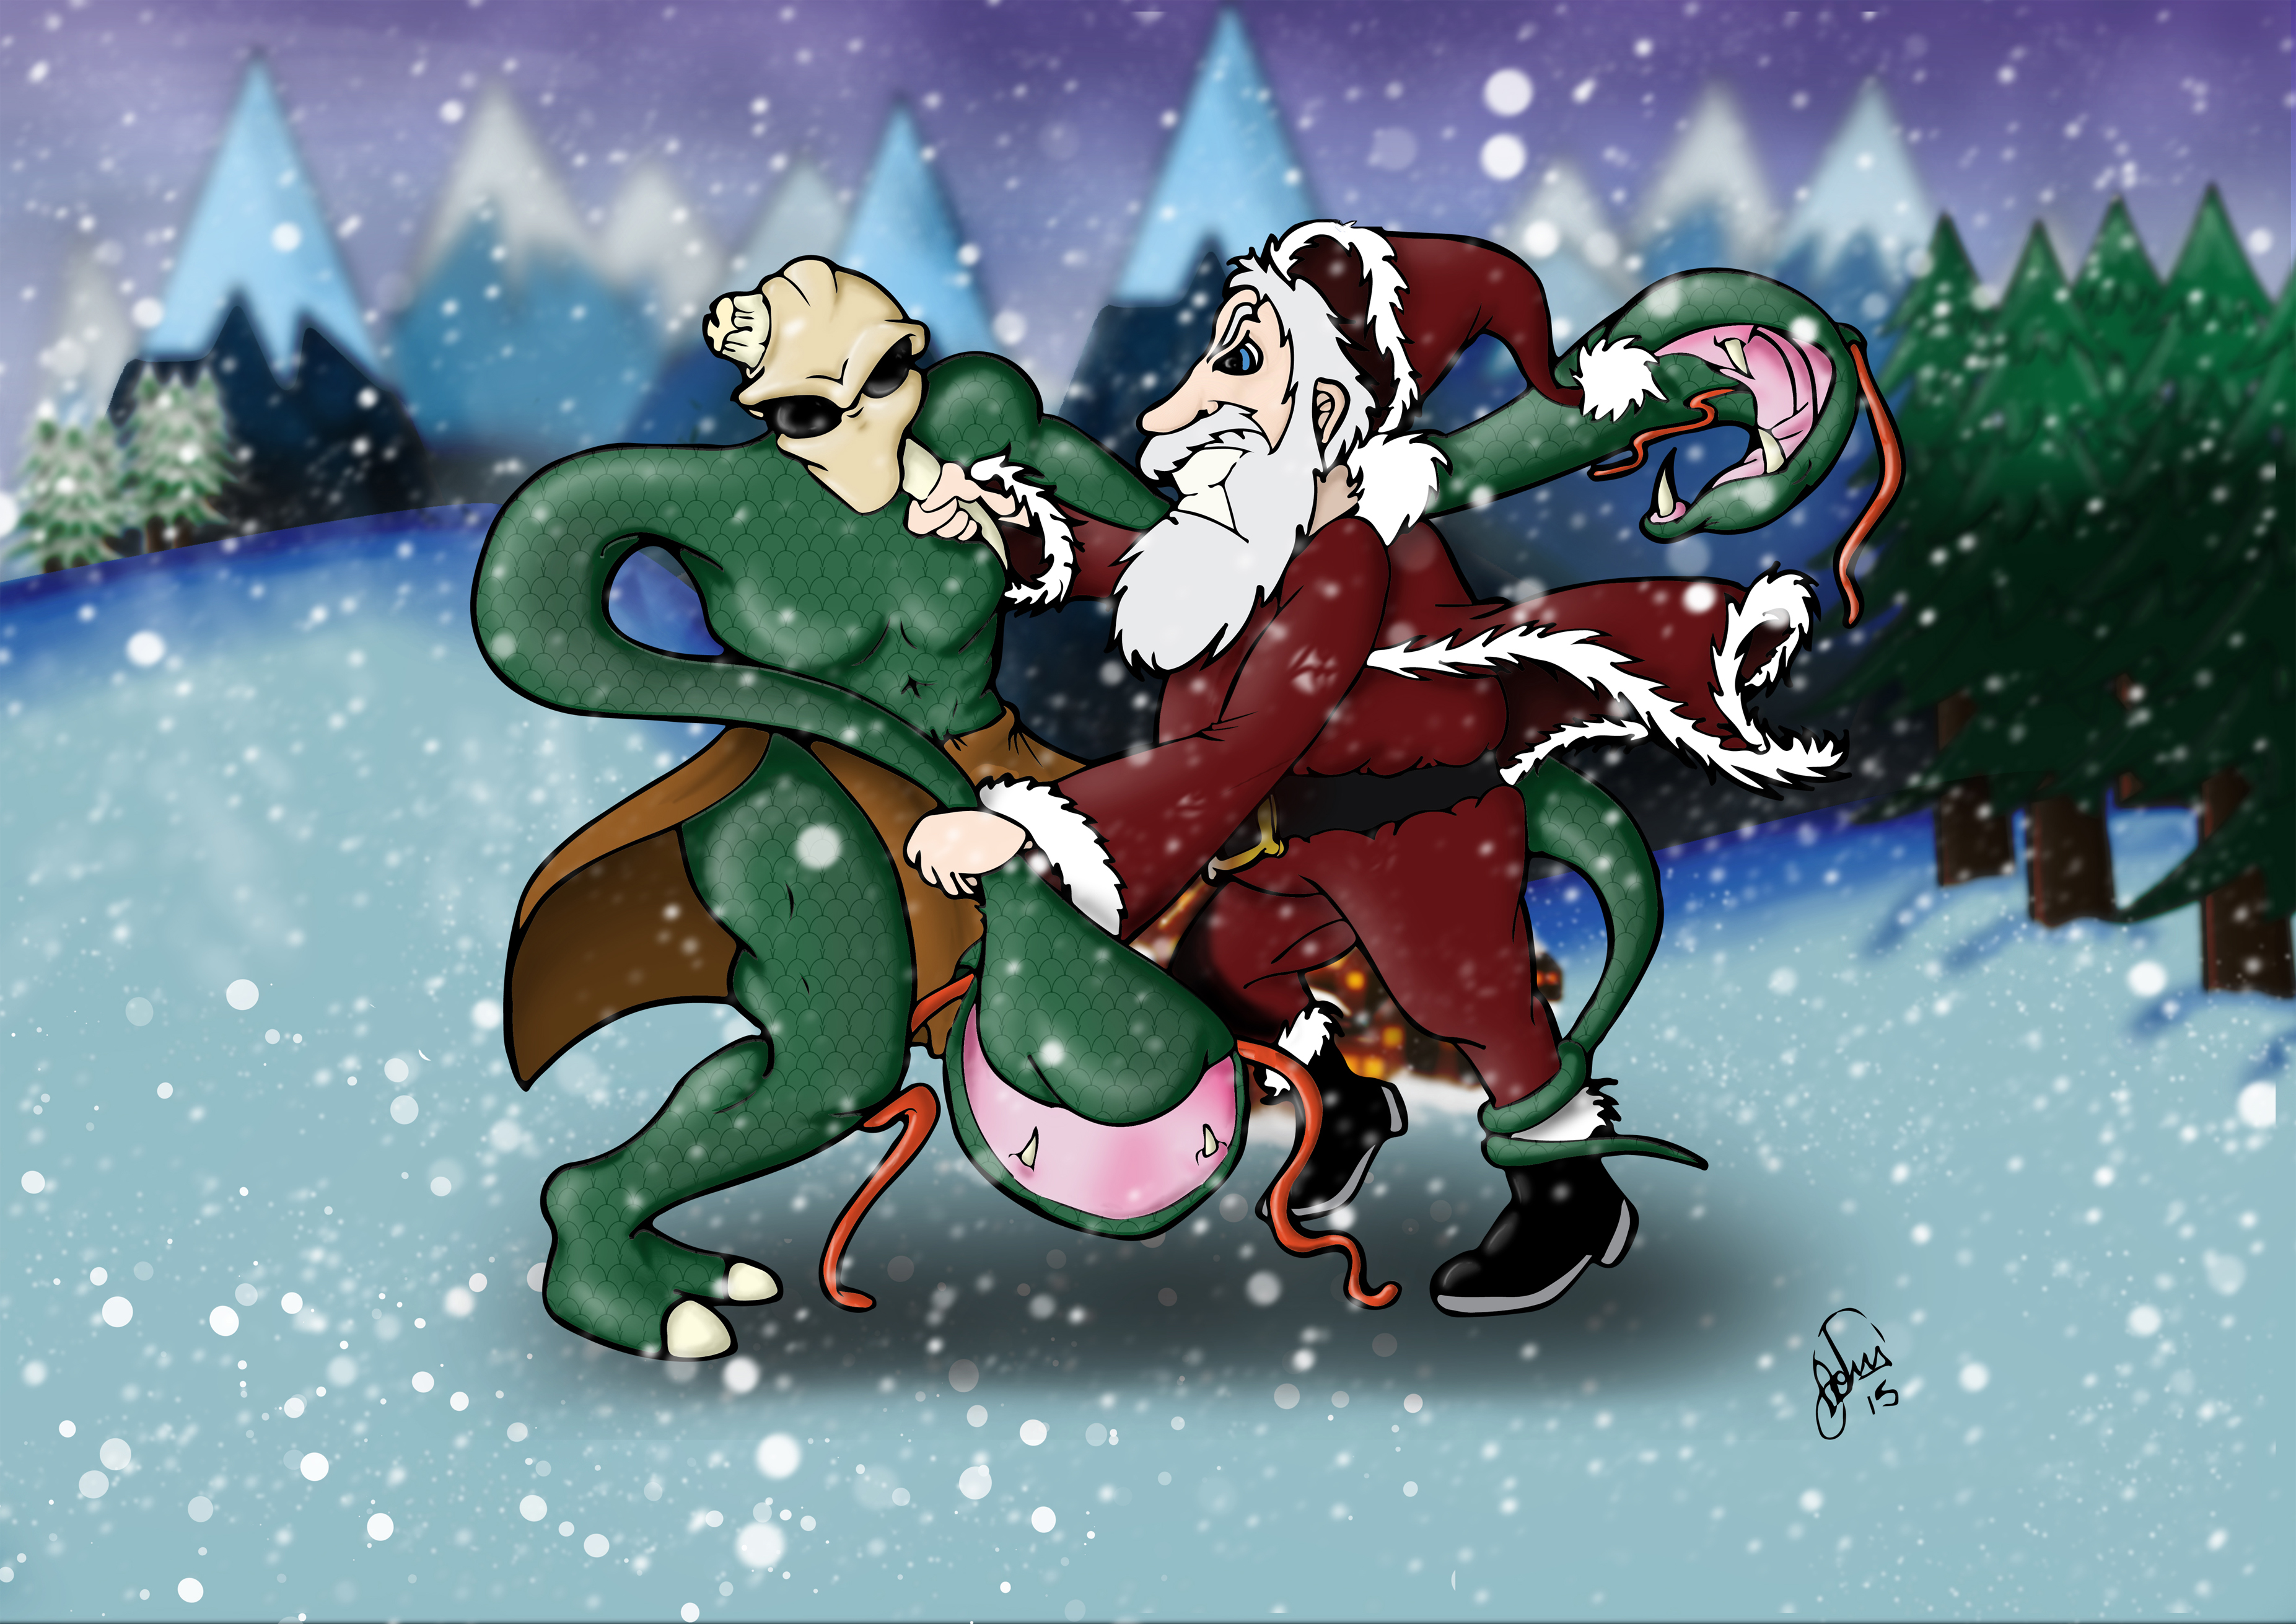 Epic Santa Alternative Version 2